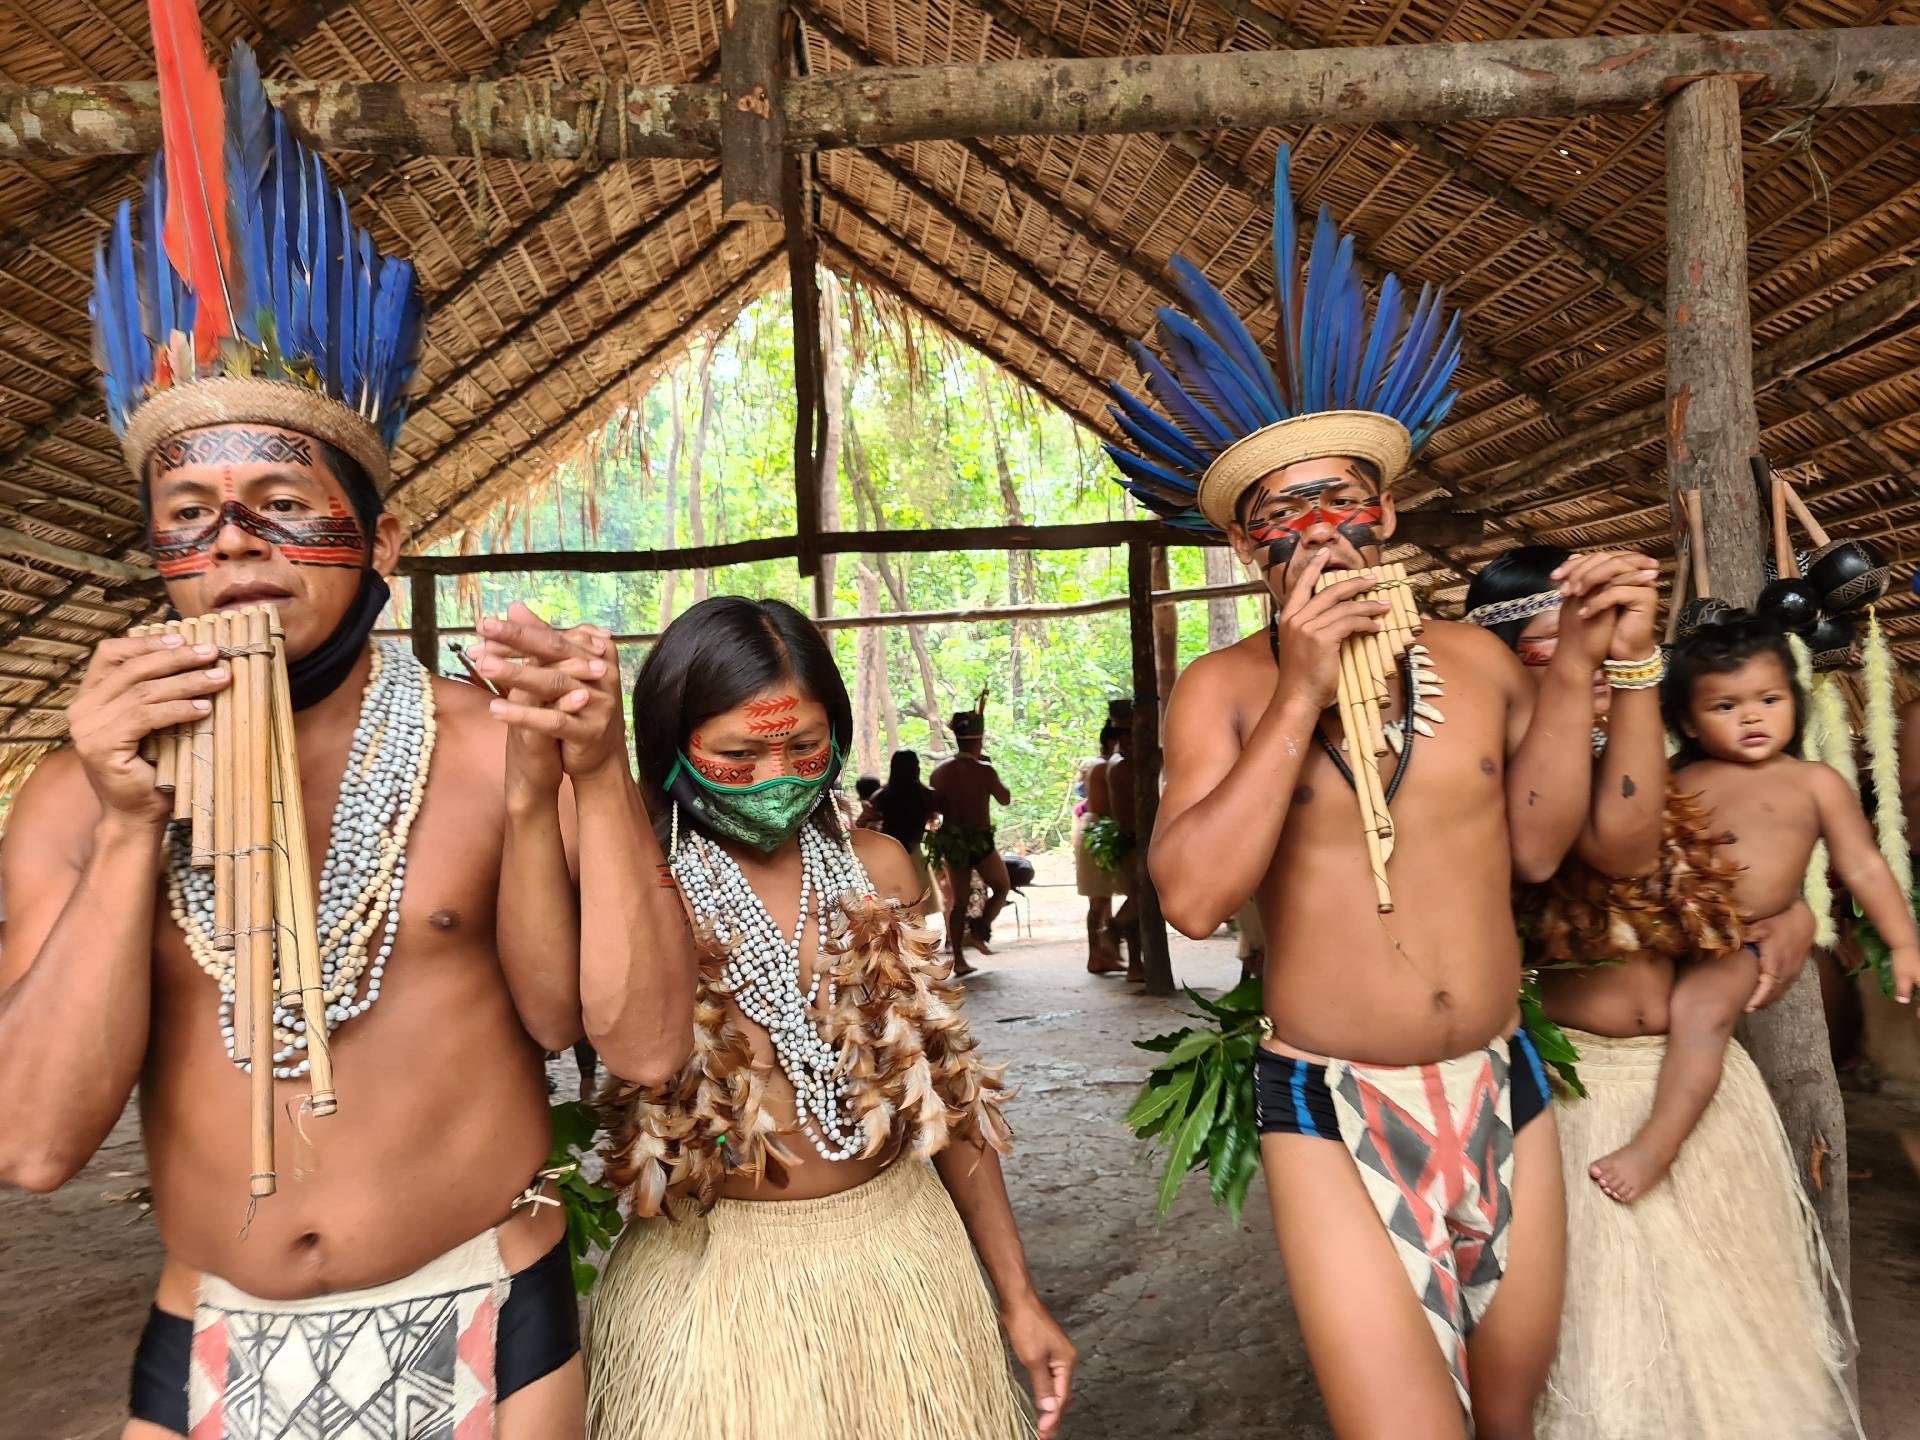 индейцы играют на духовом музыкальном инструменте из бамбука